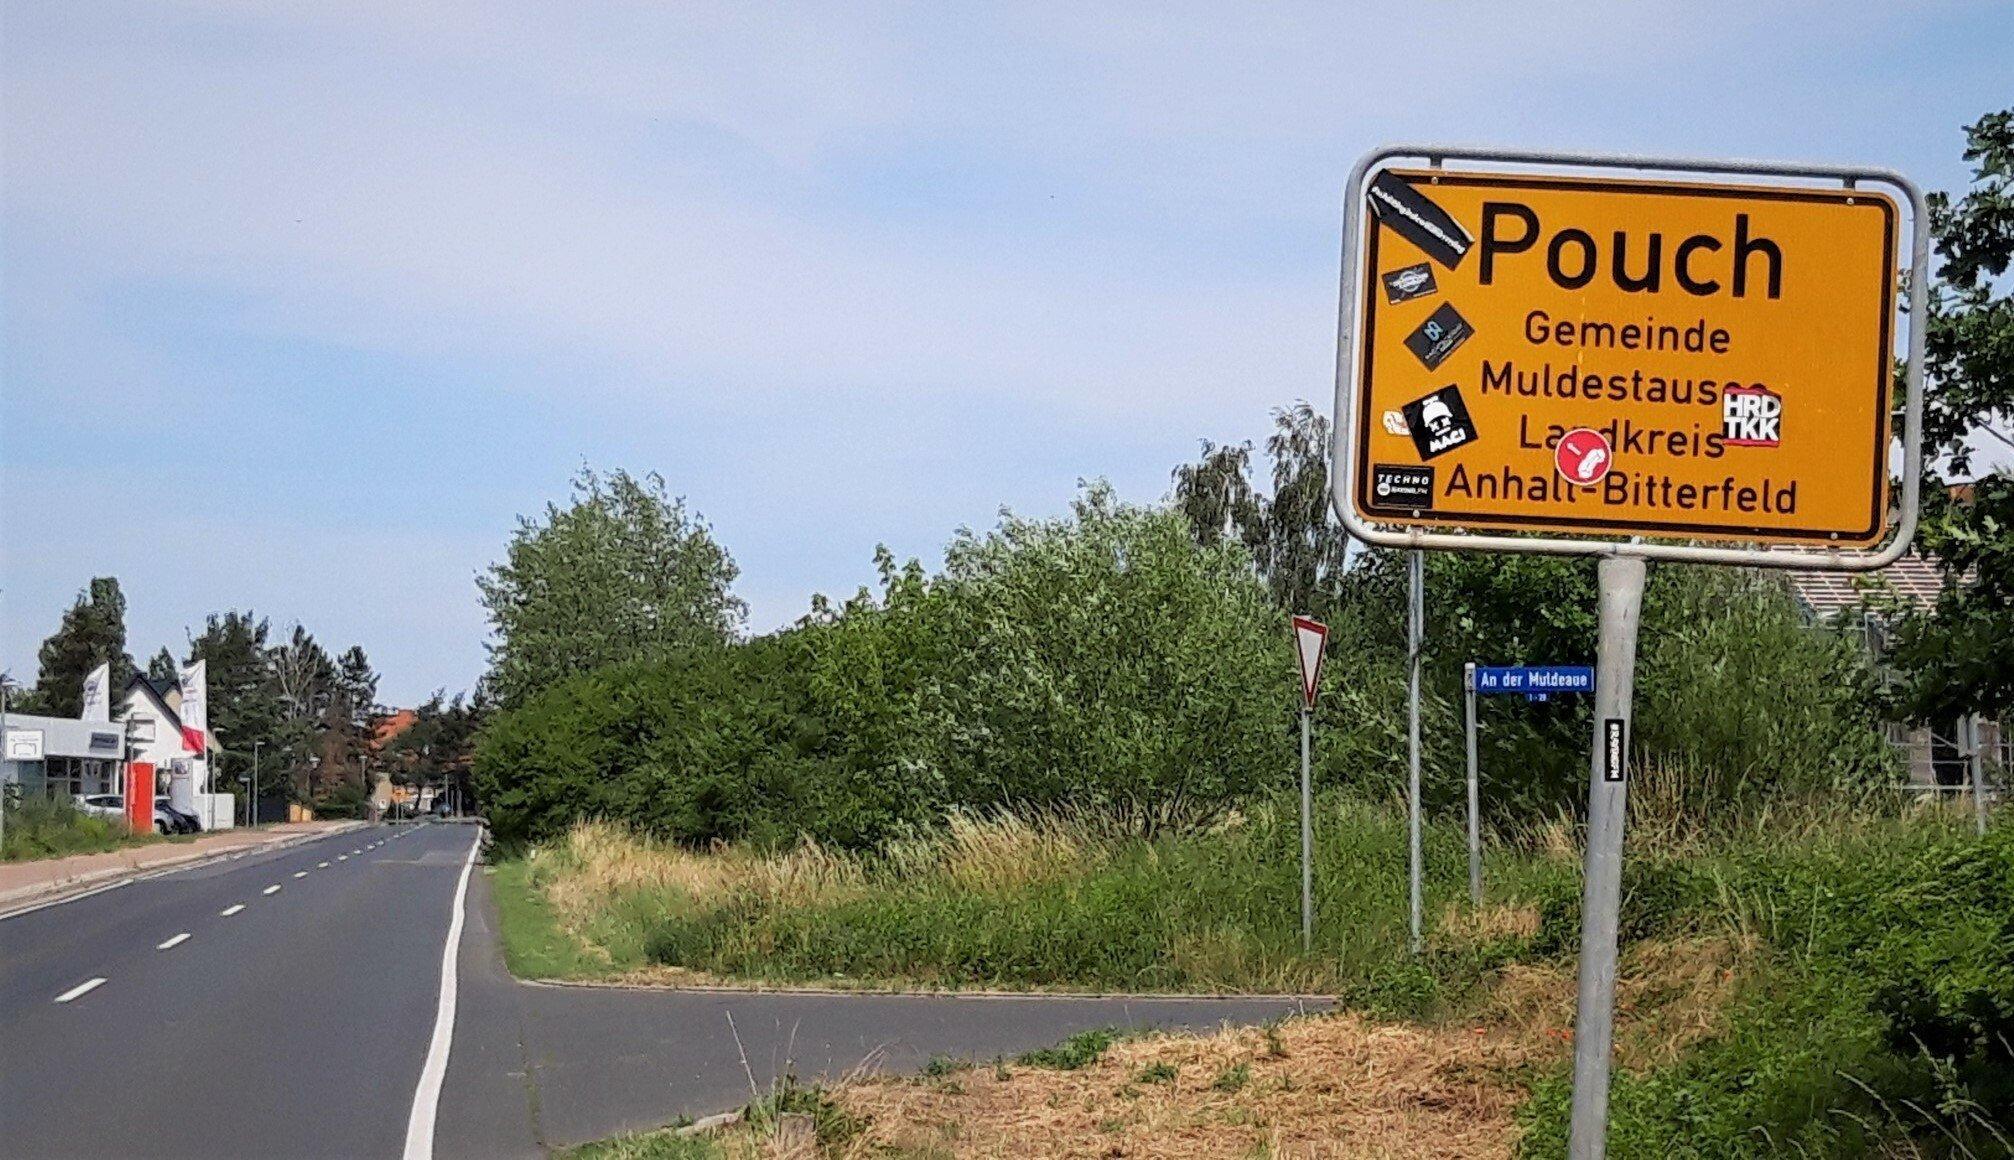 Ortsschild von Pouch, an der Mulde gelegen, im Land Sachsen-Anhalt,